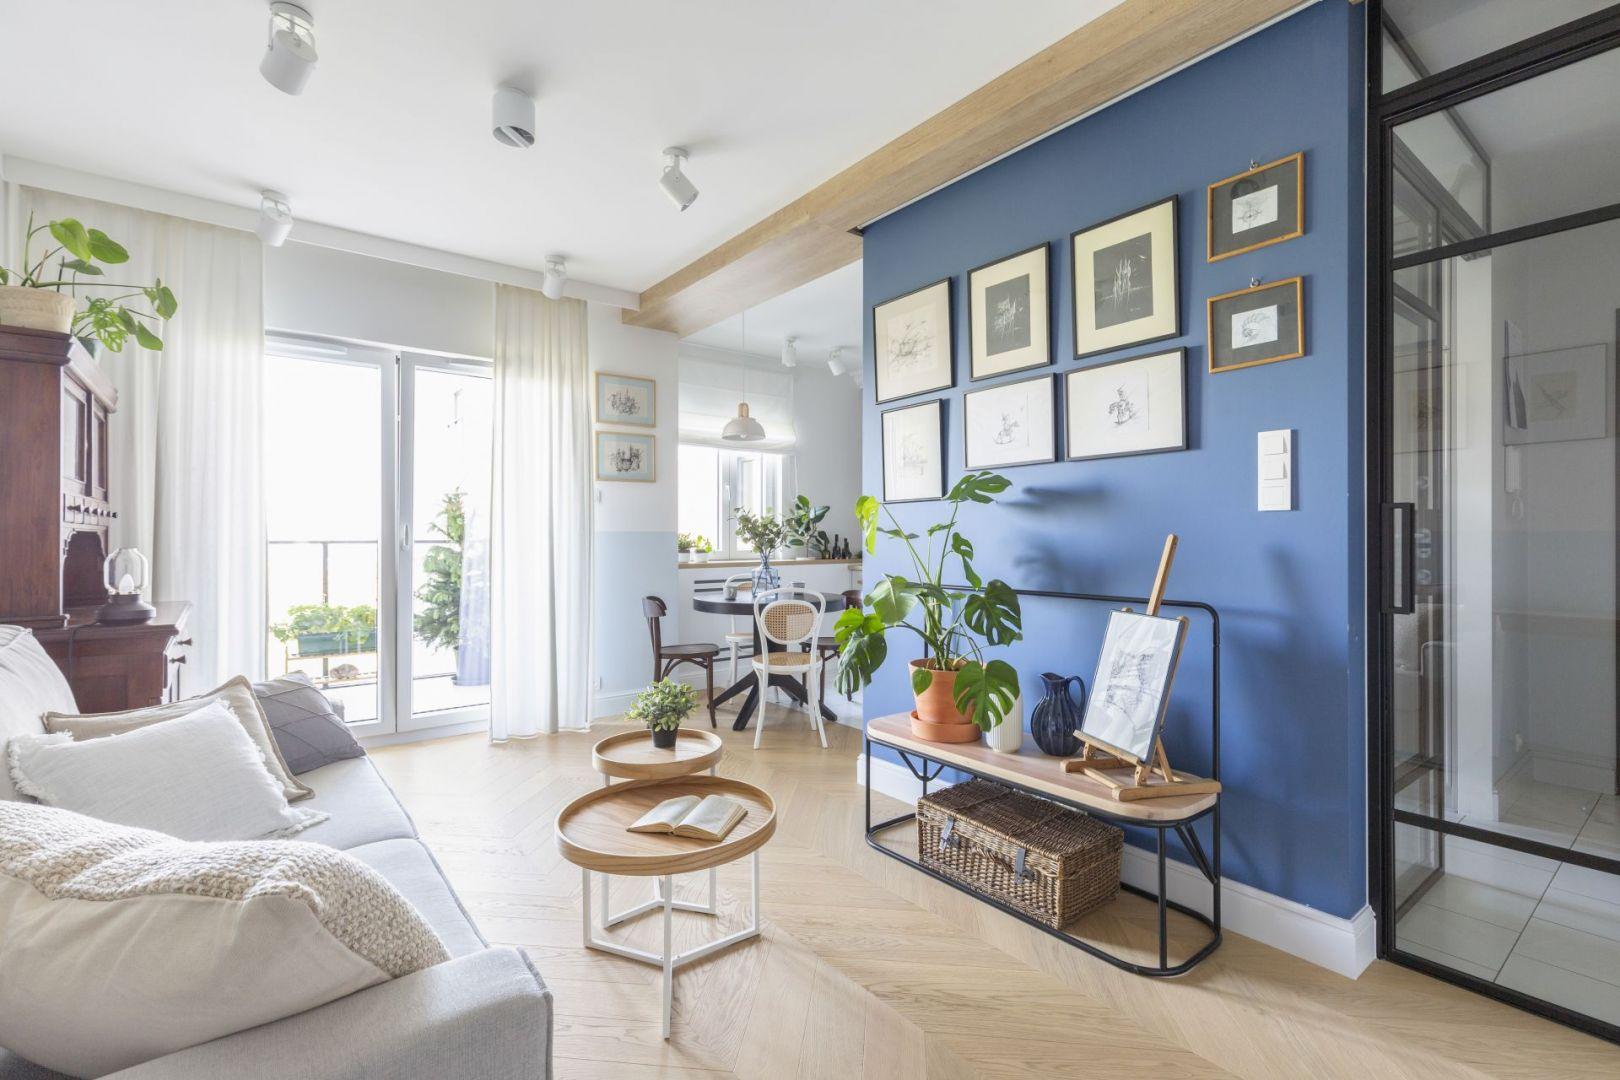 Niebieska ściana w salonie. Joanna Dziurkiewicz, Tworzywo studio. Fot. Pion Poziom